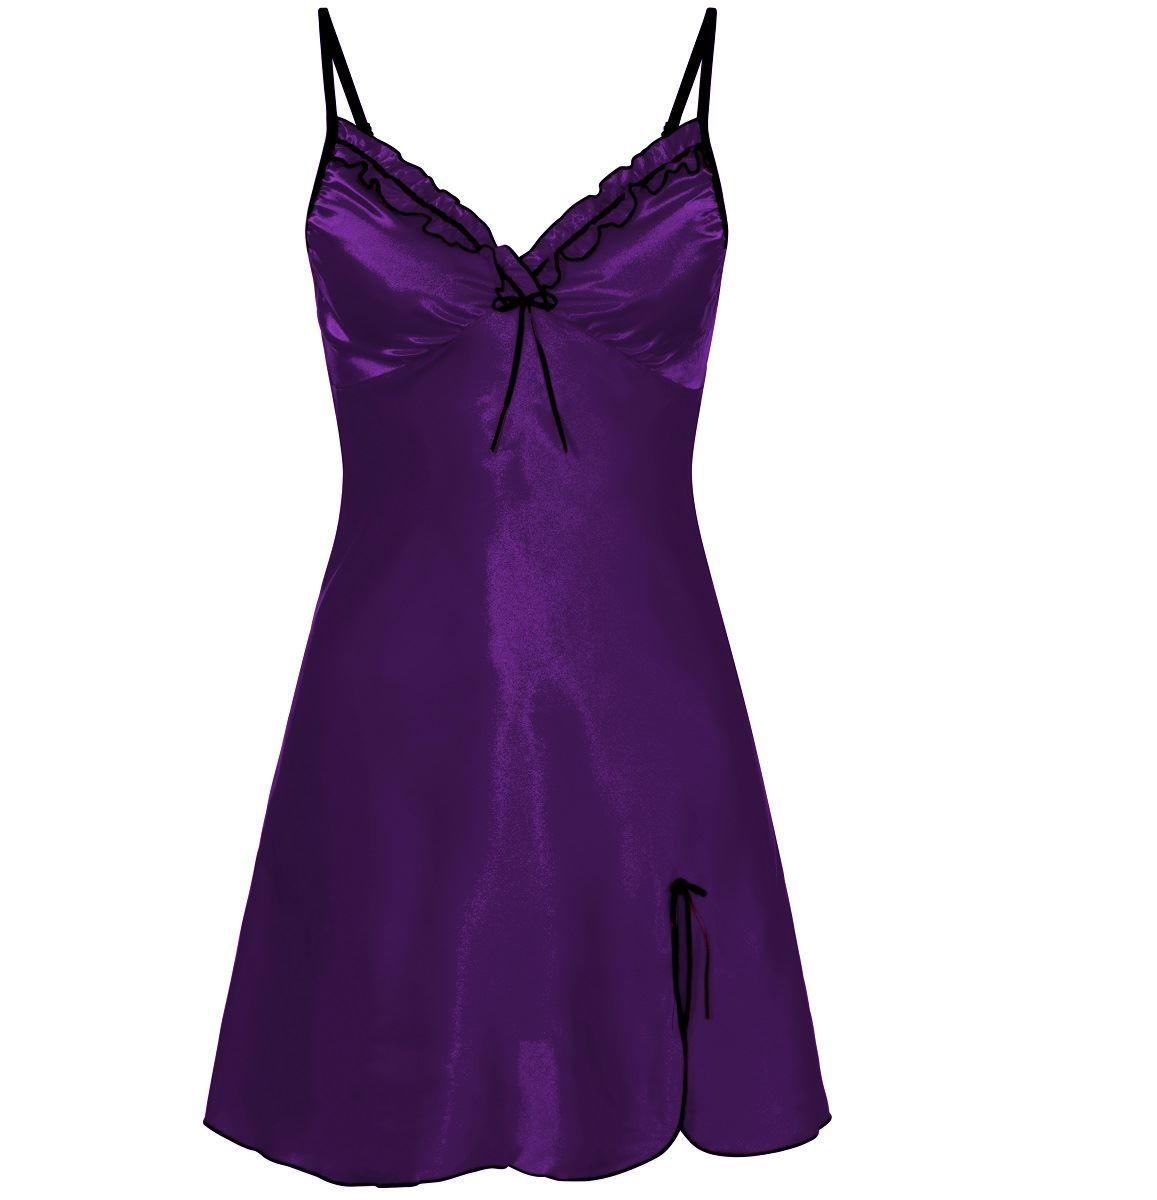 d4c8c2fad0b Nine X Ladies Satin Chemise Plus Size Lingerie S-5XL Babydoll Underwear  Chemise Size Ladies